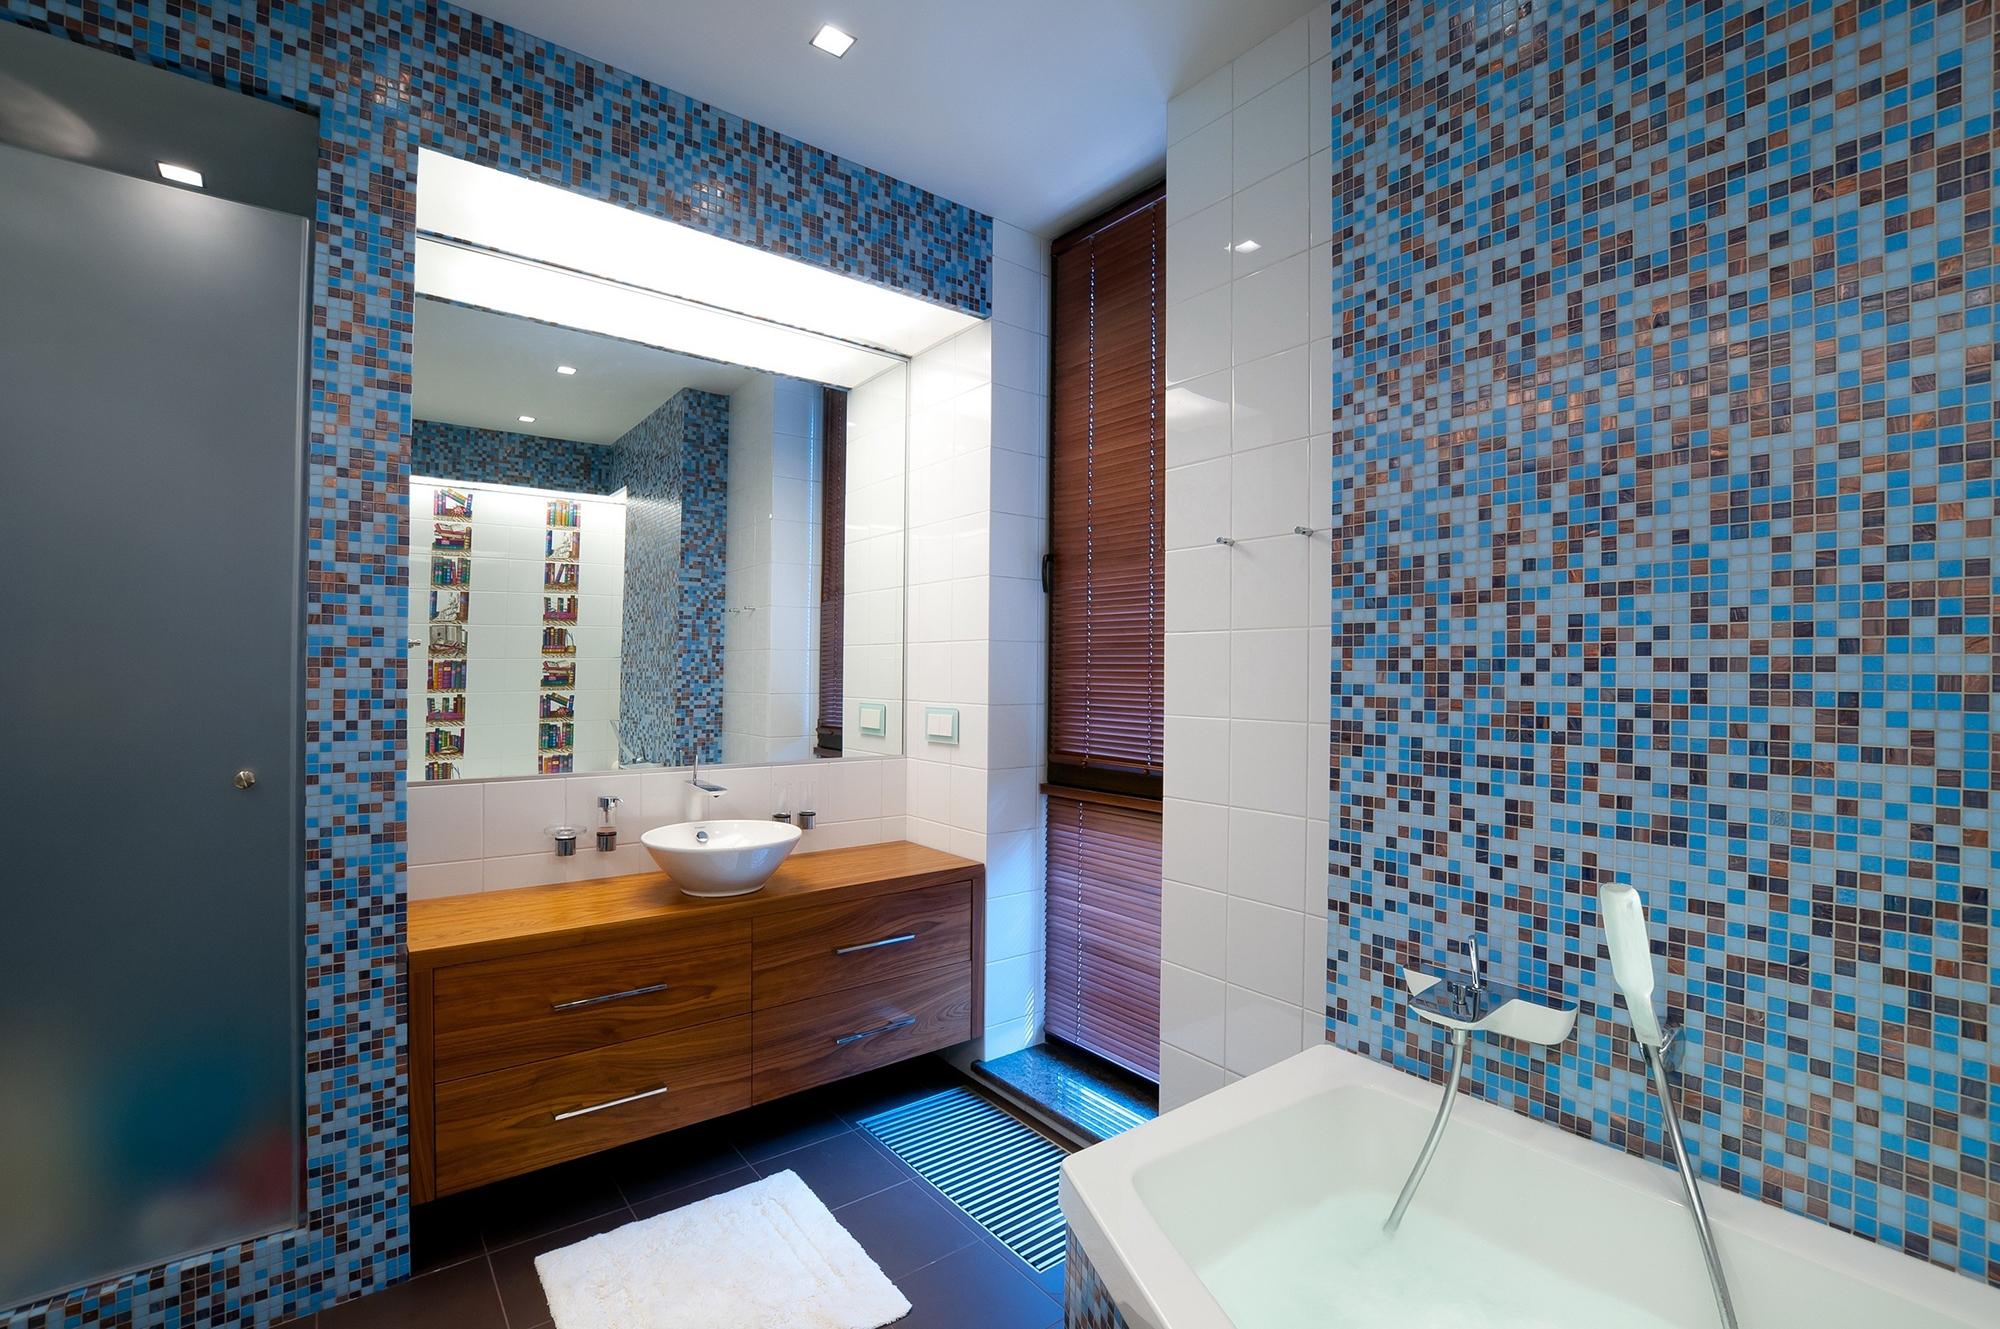 Мозаика в синих тонах в ванной